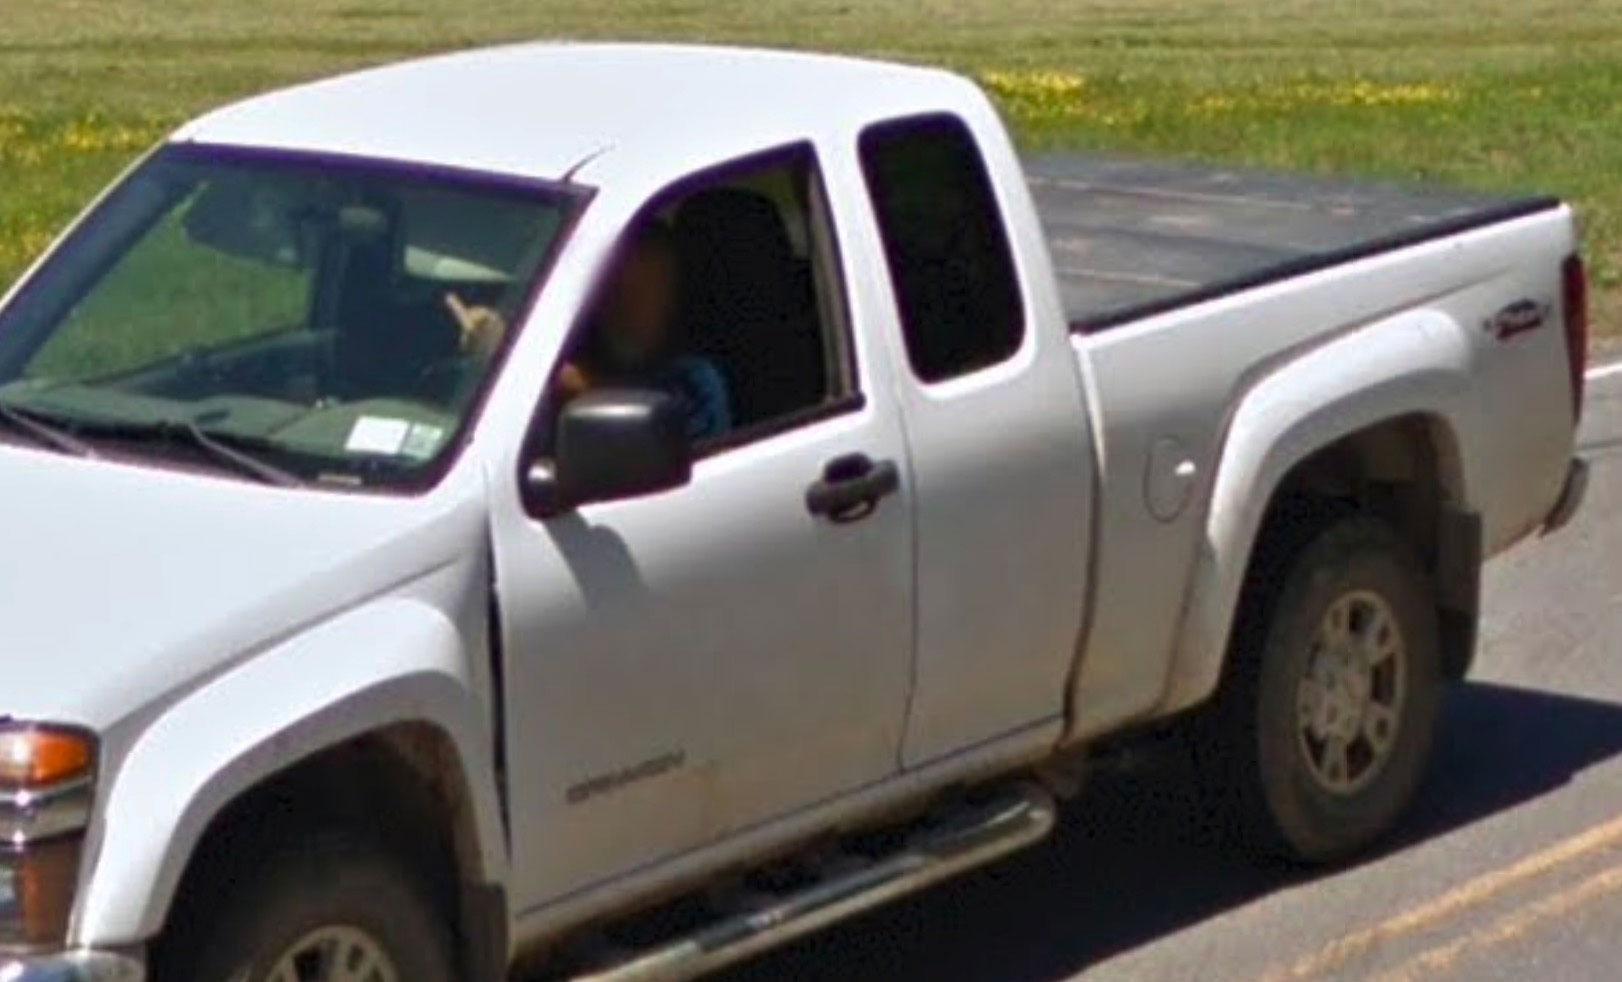 Tout le monde ne semble pas apprécier les Google Cars